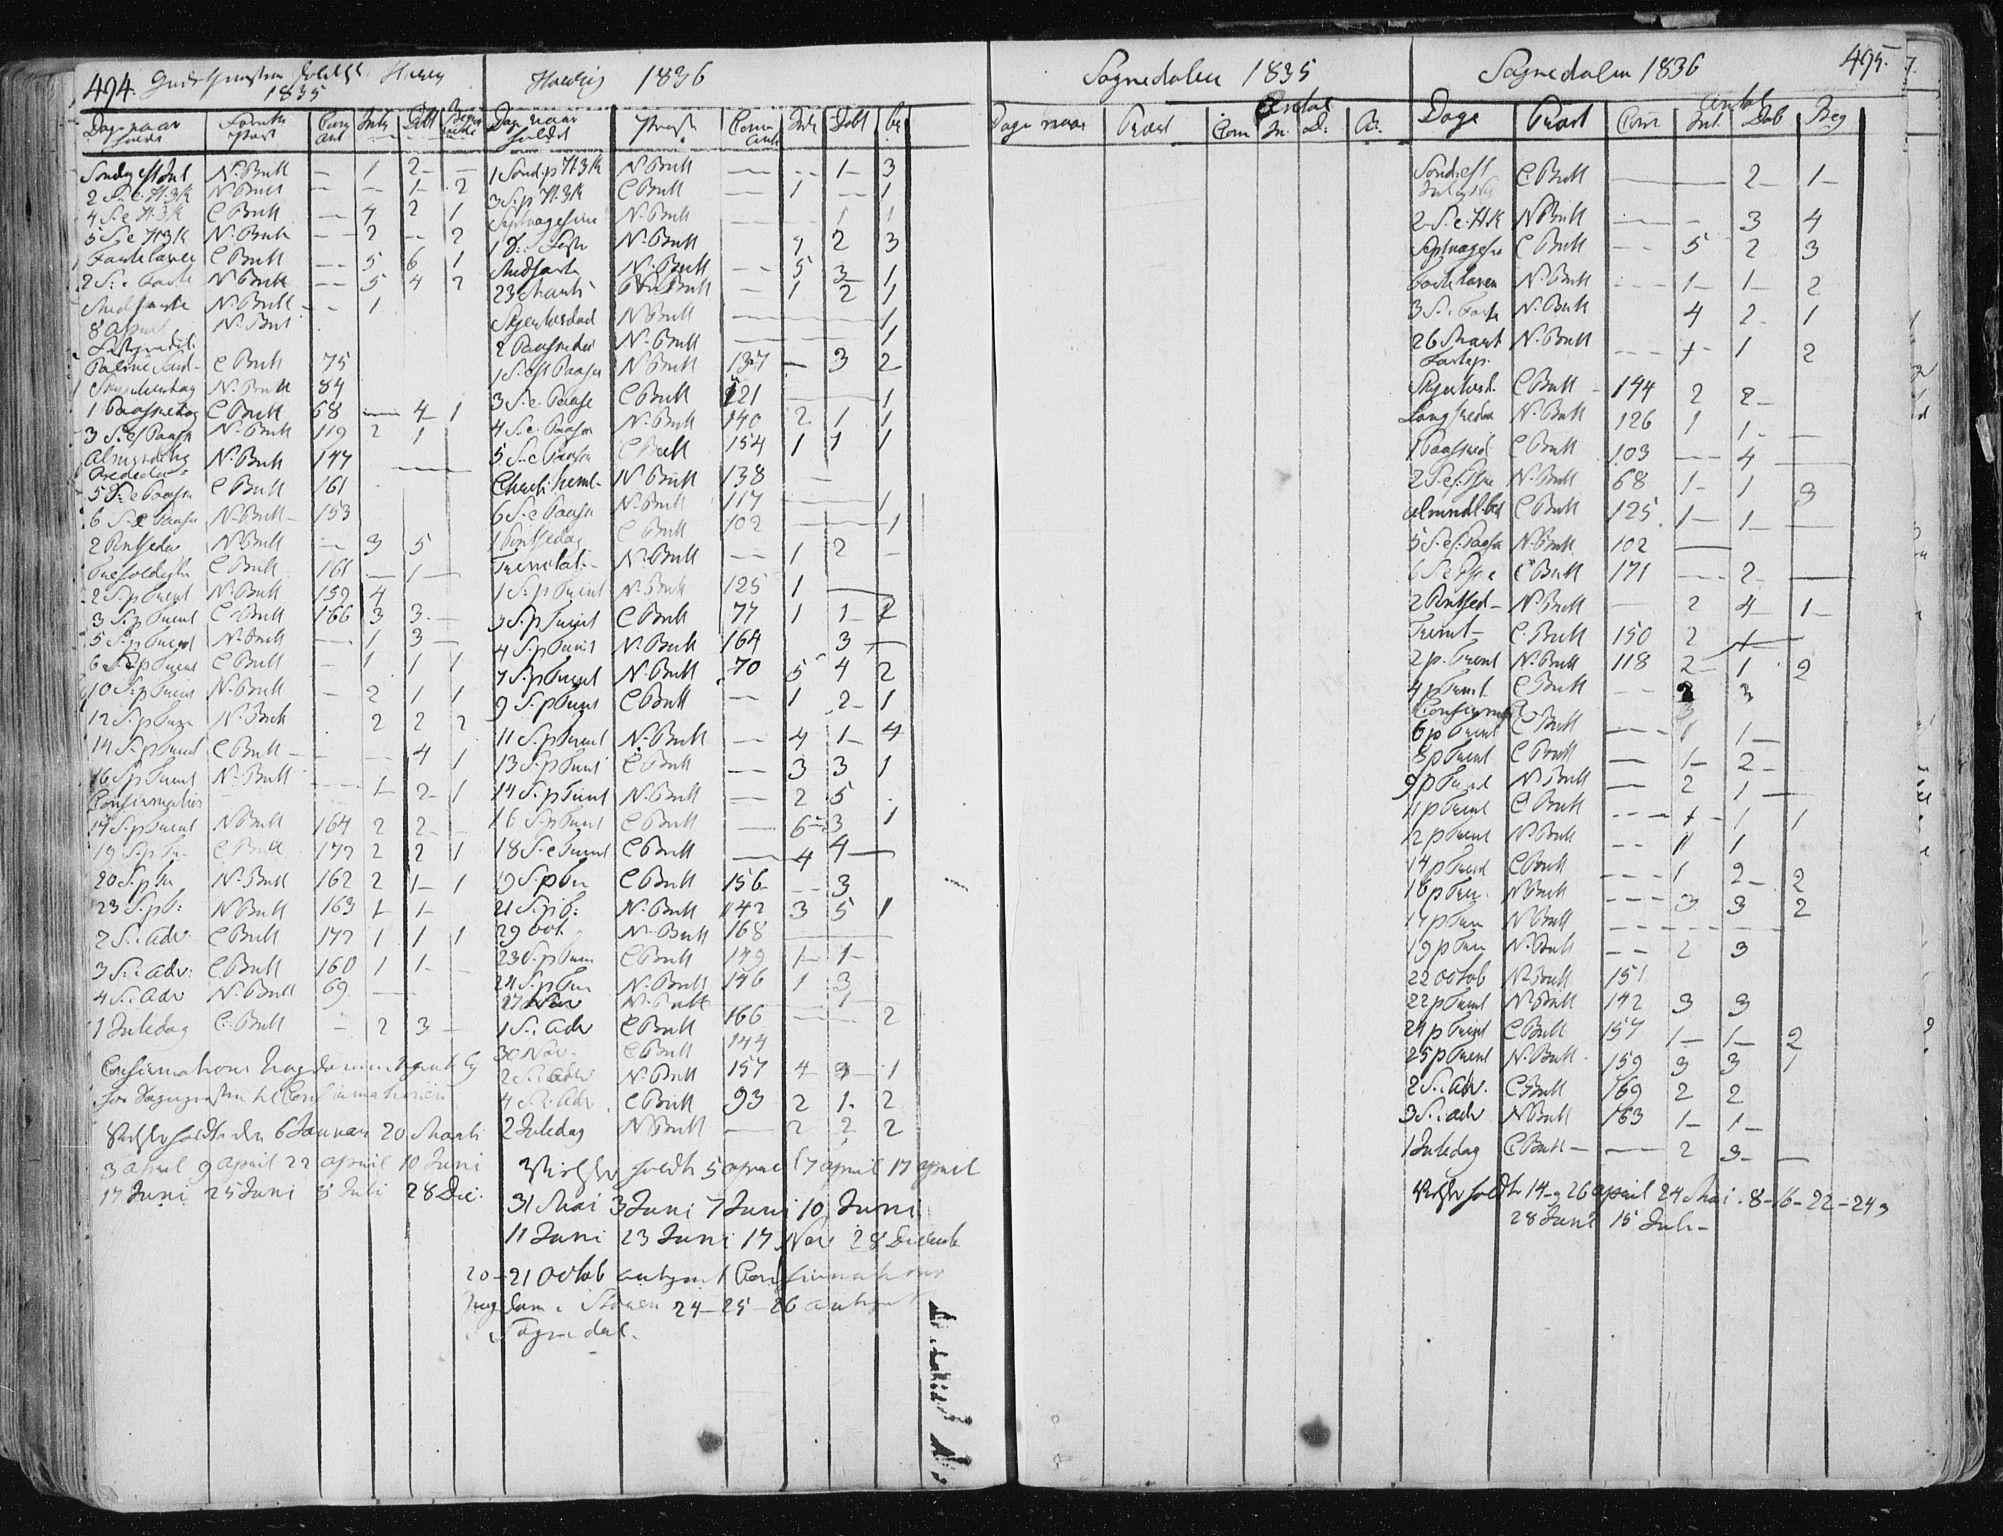 SAT, Ministerialprotokoller, klokkerbøker og fødselsregistre - Sør-Trøndelag, 687/L0992: Ministerialbok nr. 687A03 /1, 1788-1815, s. 494-495